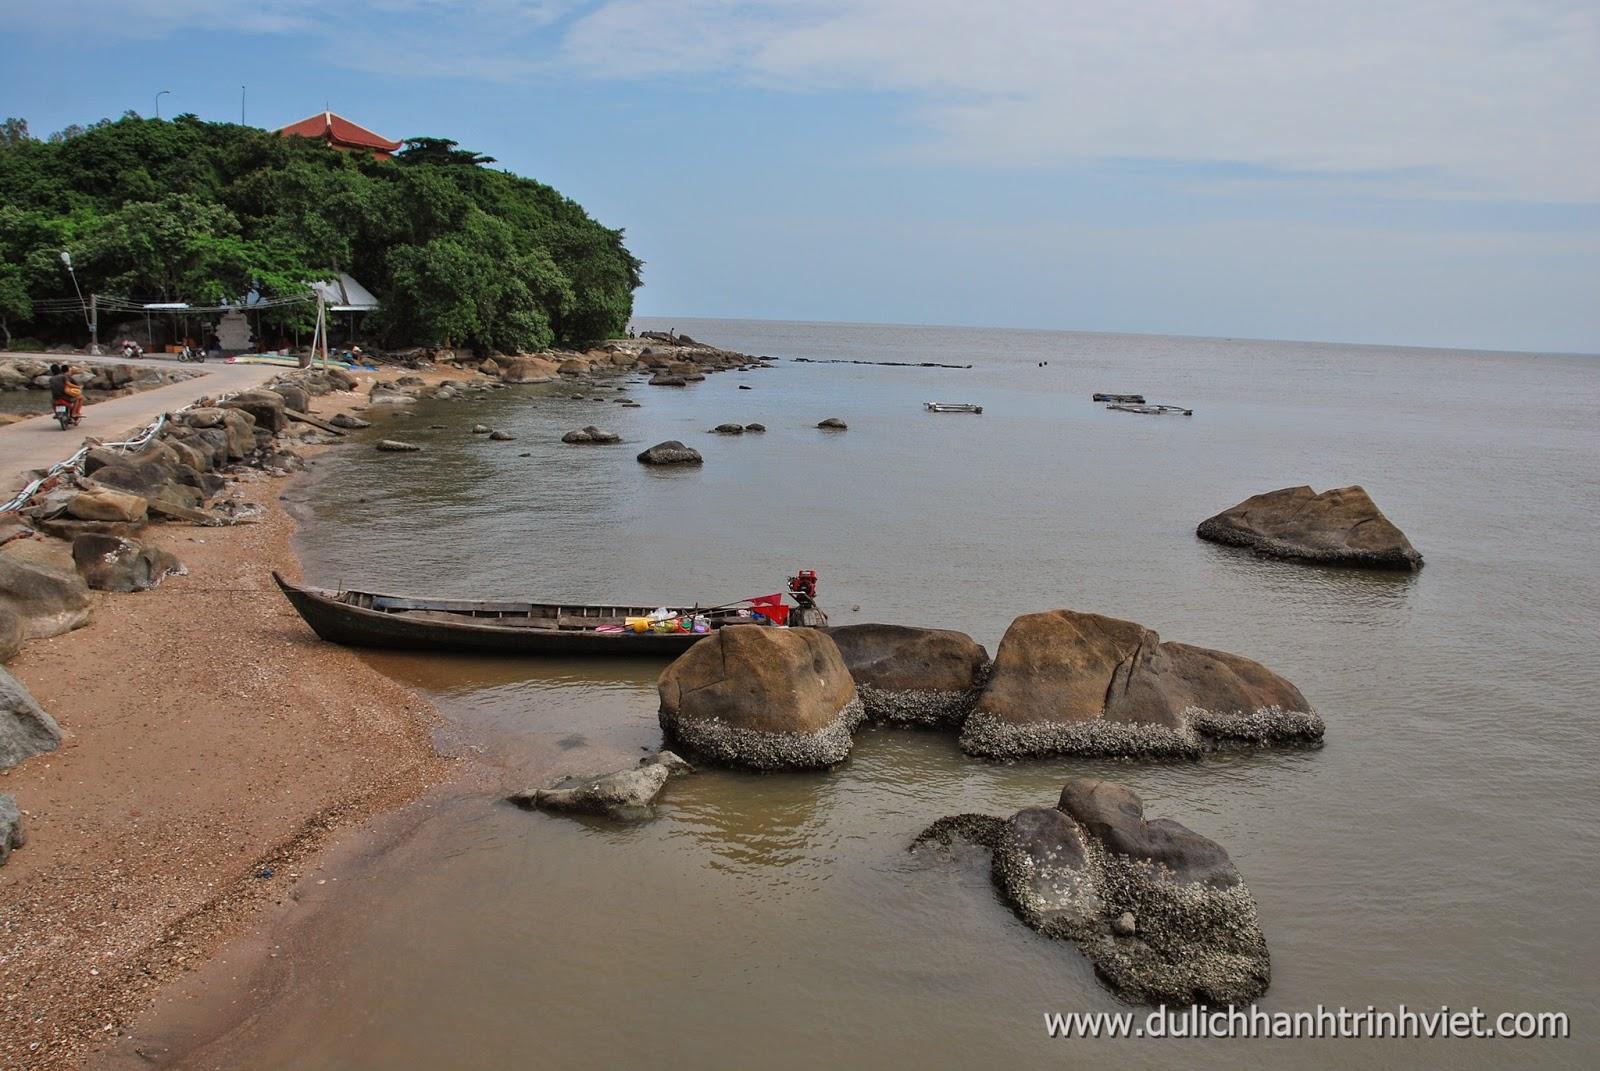 Du lịch đến Hòn Đá Bạc ở Cà Mau